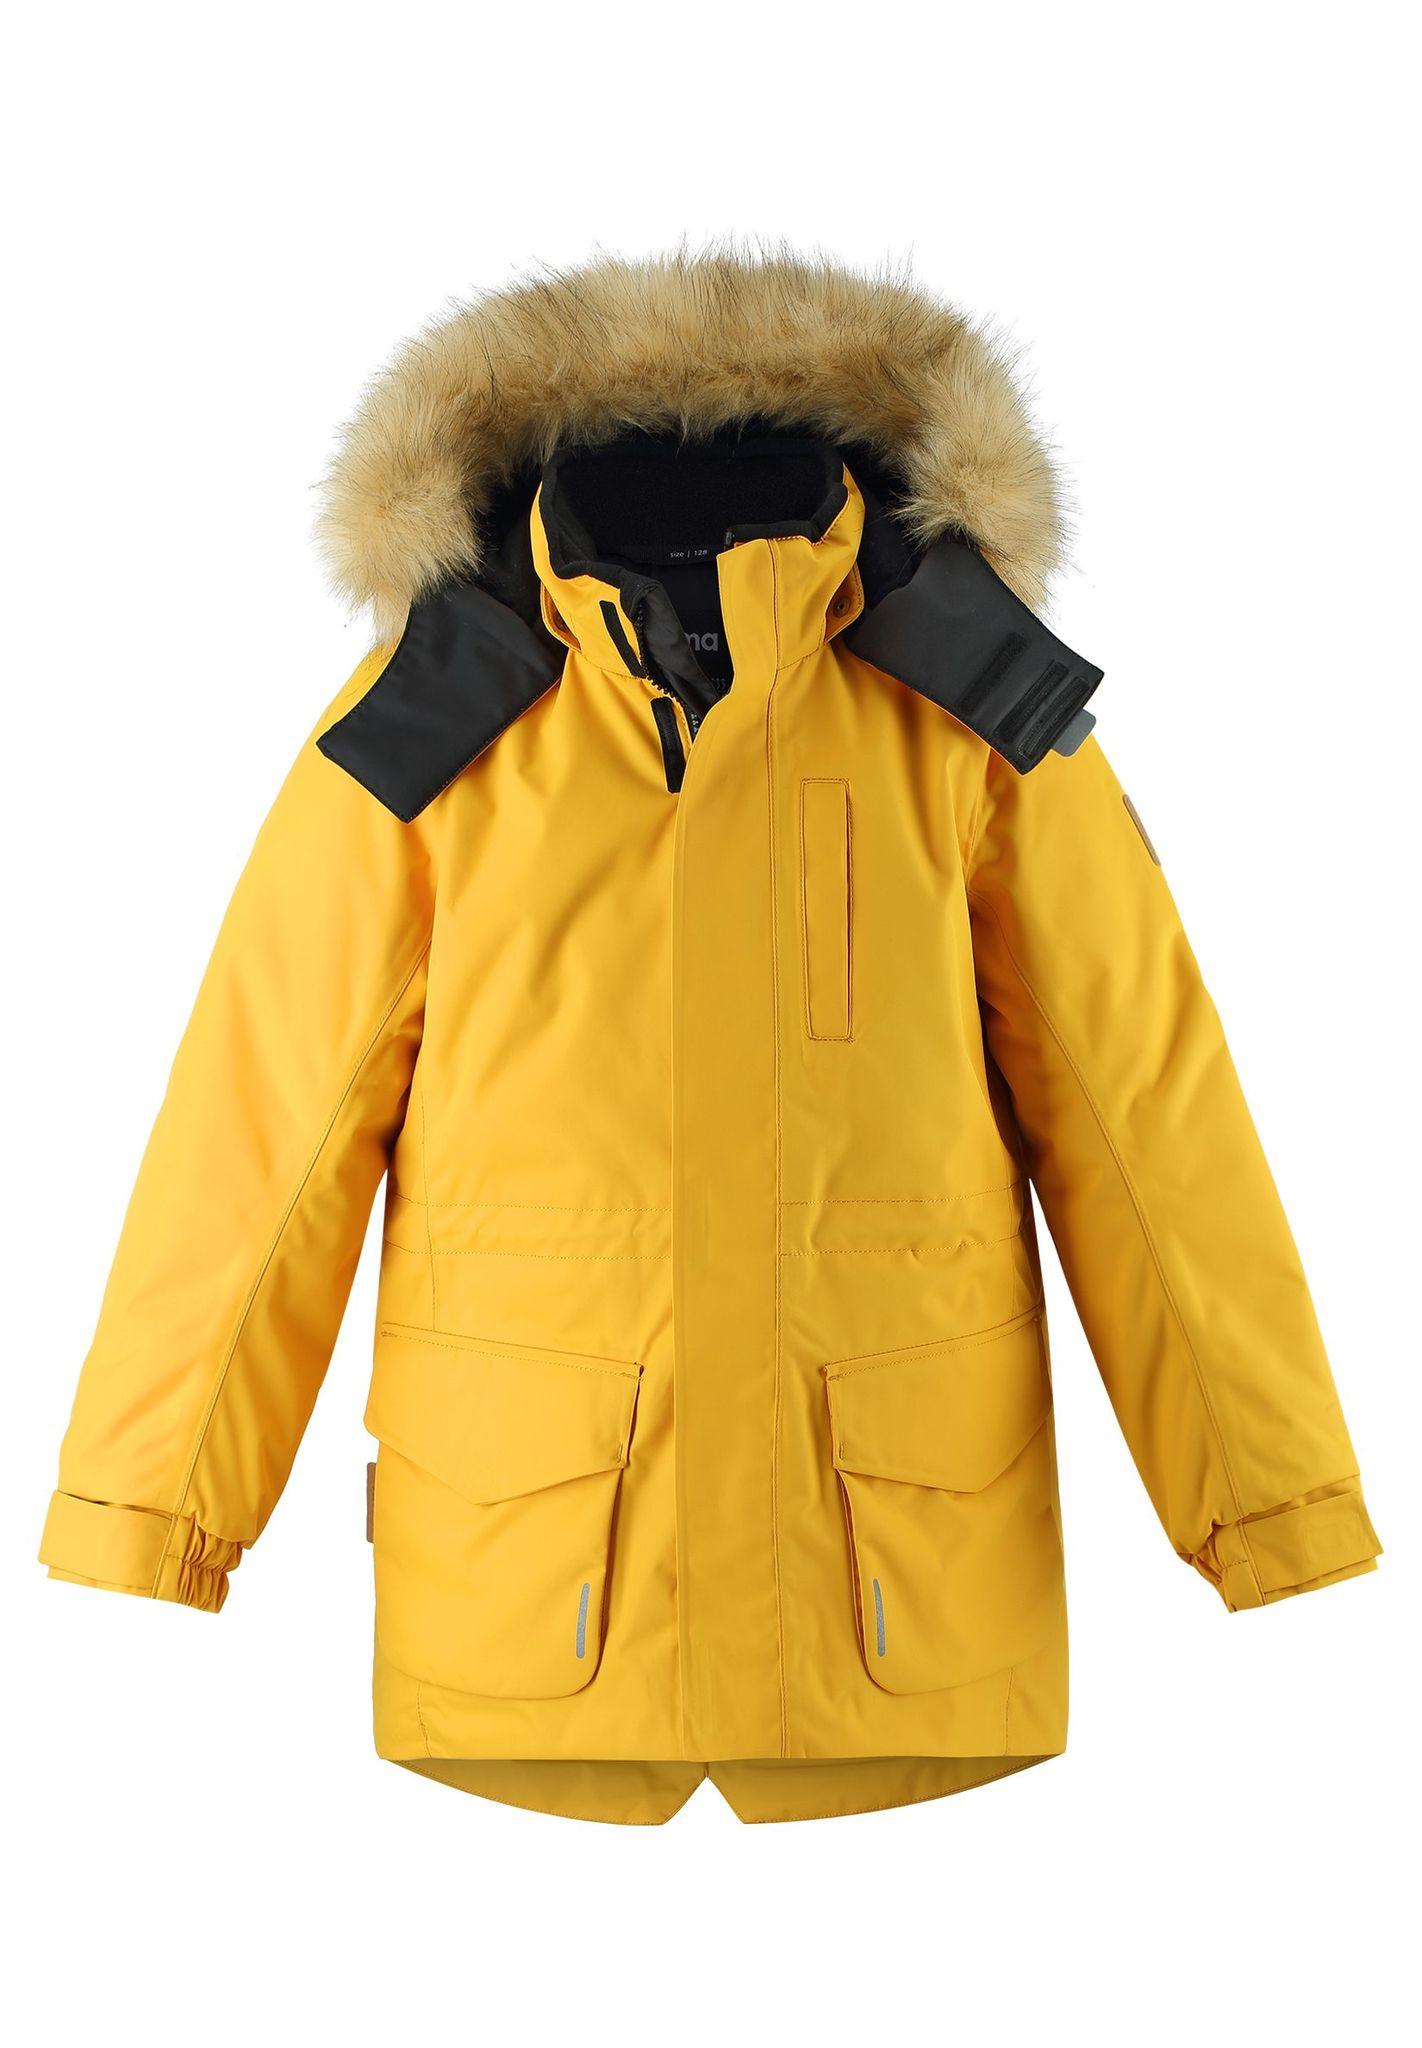 Reima Naapuri - Warm zimna detska vodeodolna bunda